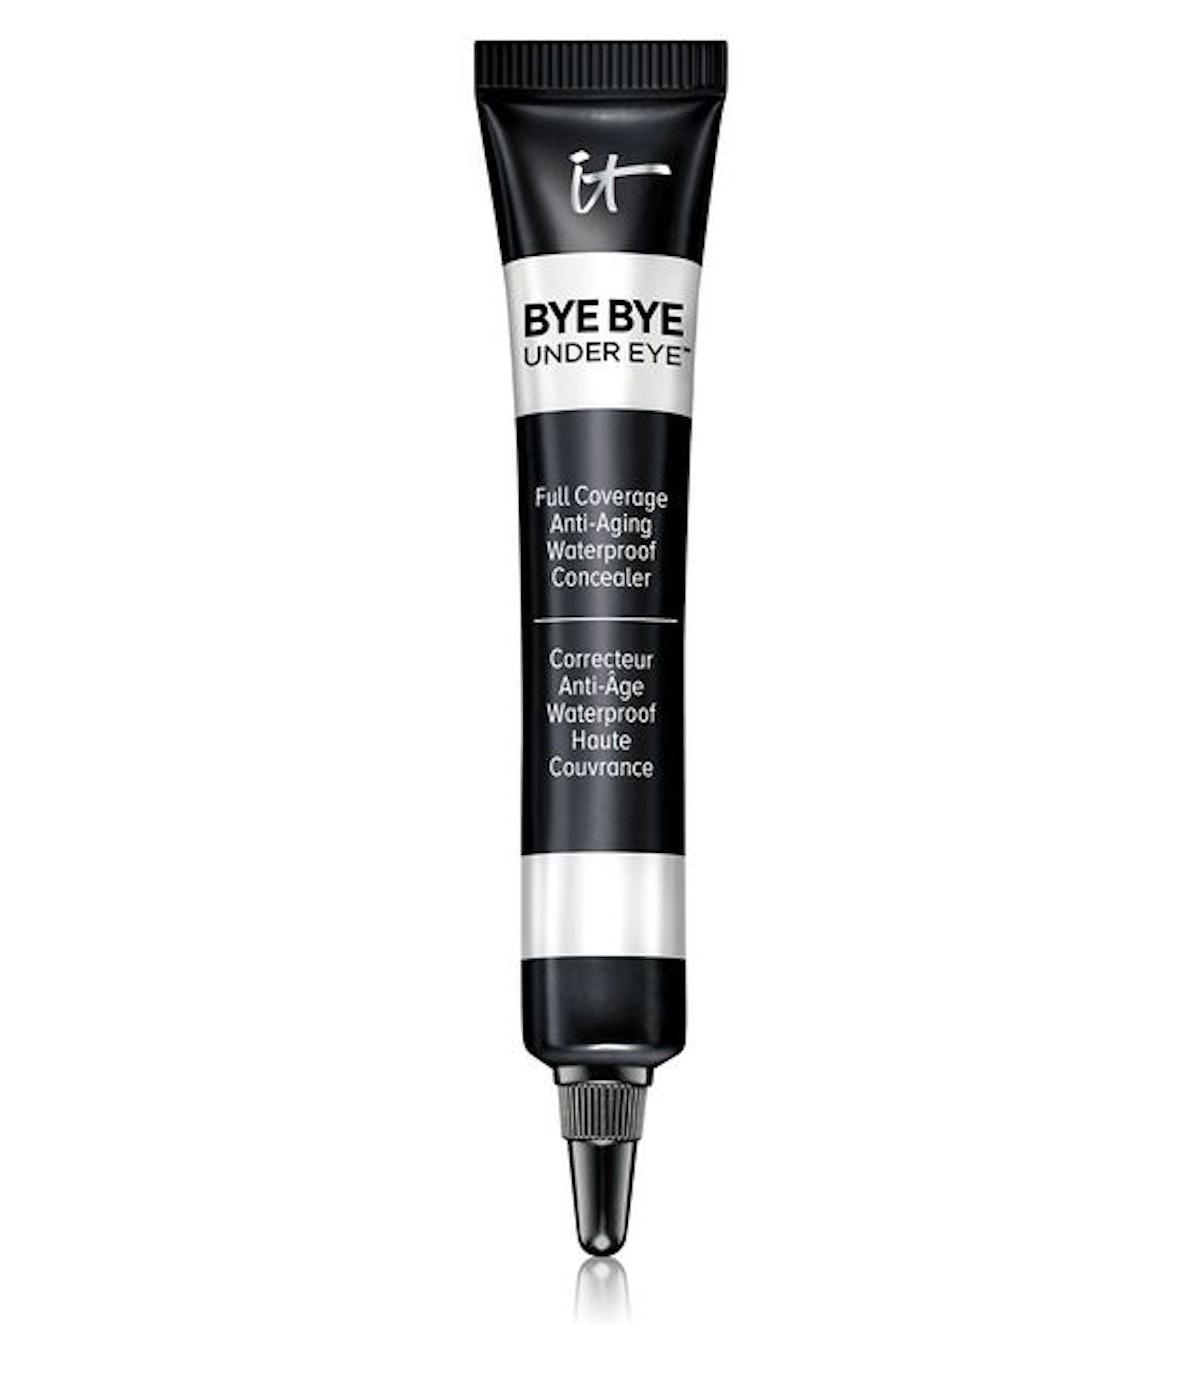 Bye Bye Under Eye™